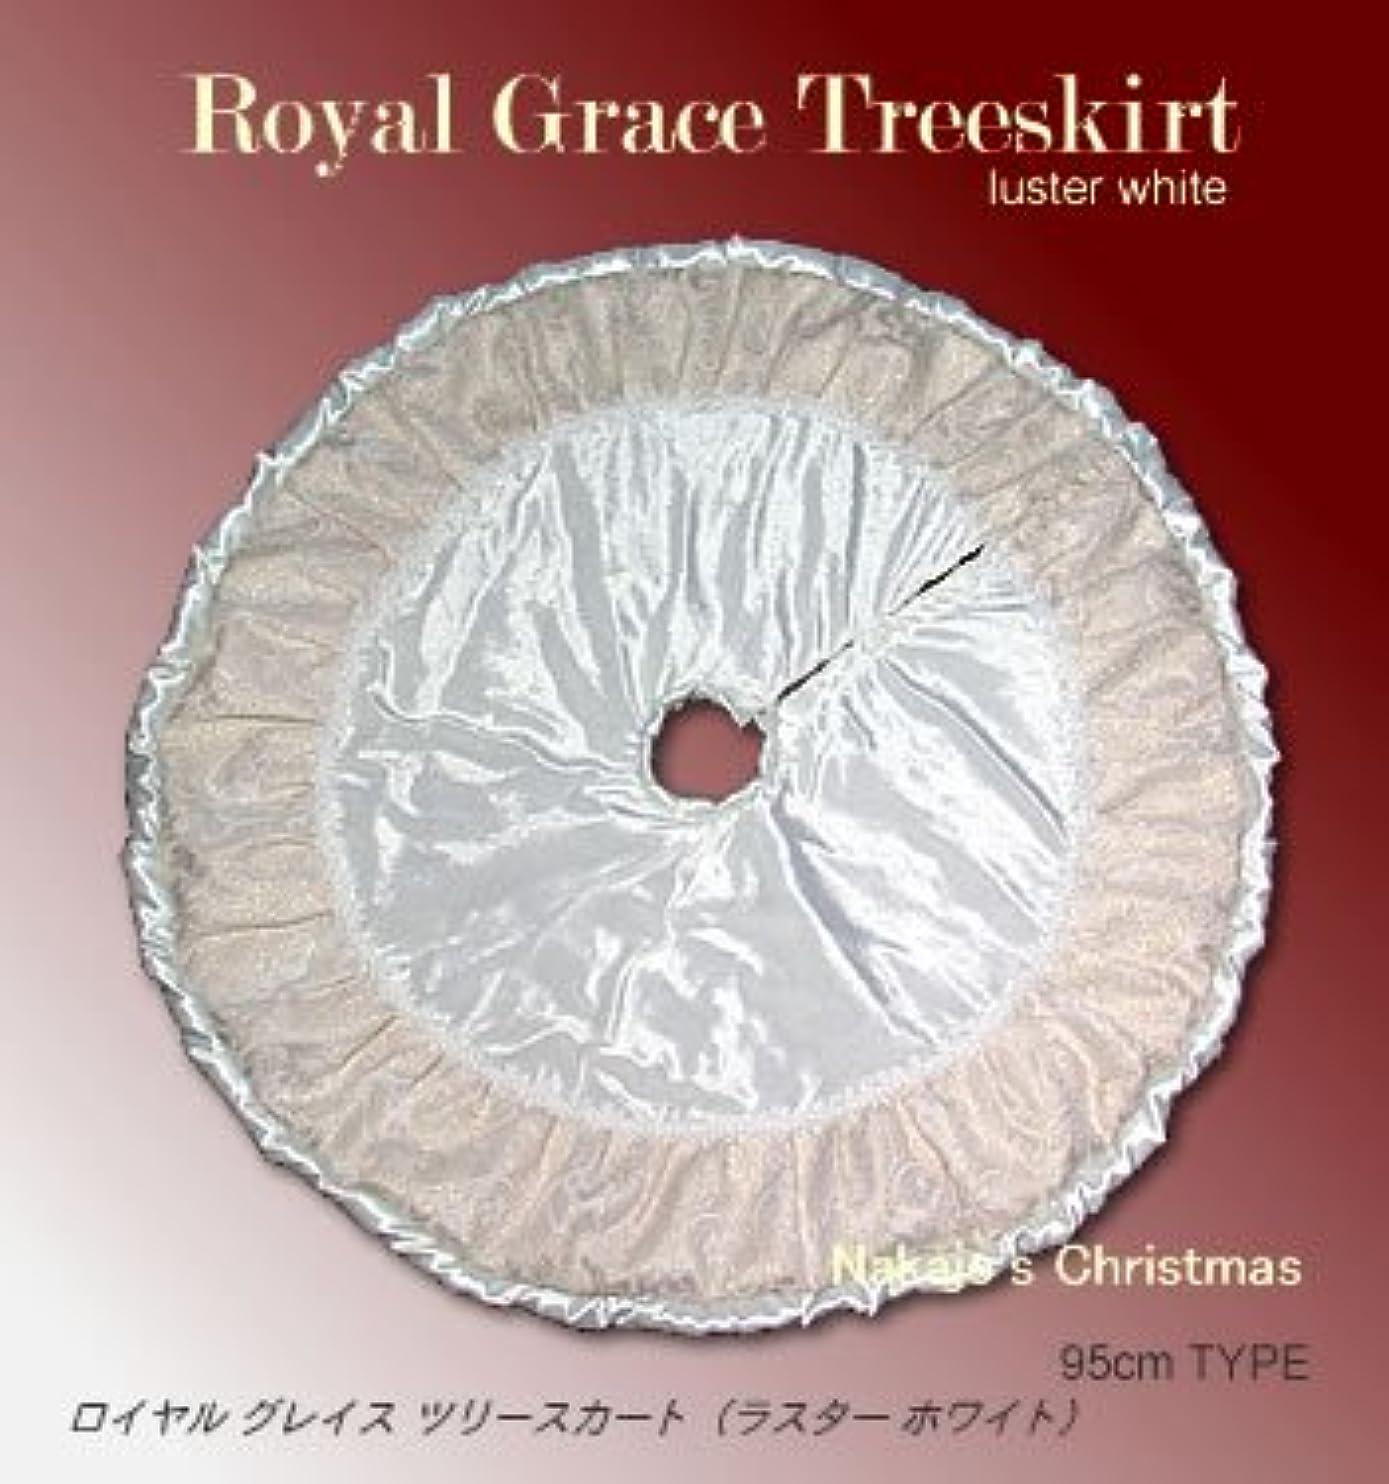 最大上げる熟す95cm ロイヤルグレースツリースカート(ラスターホワイト)